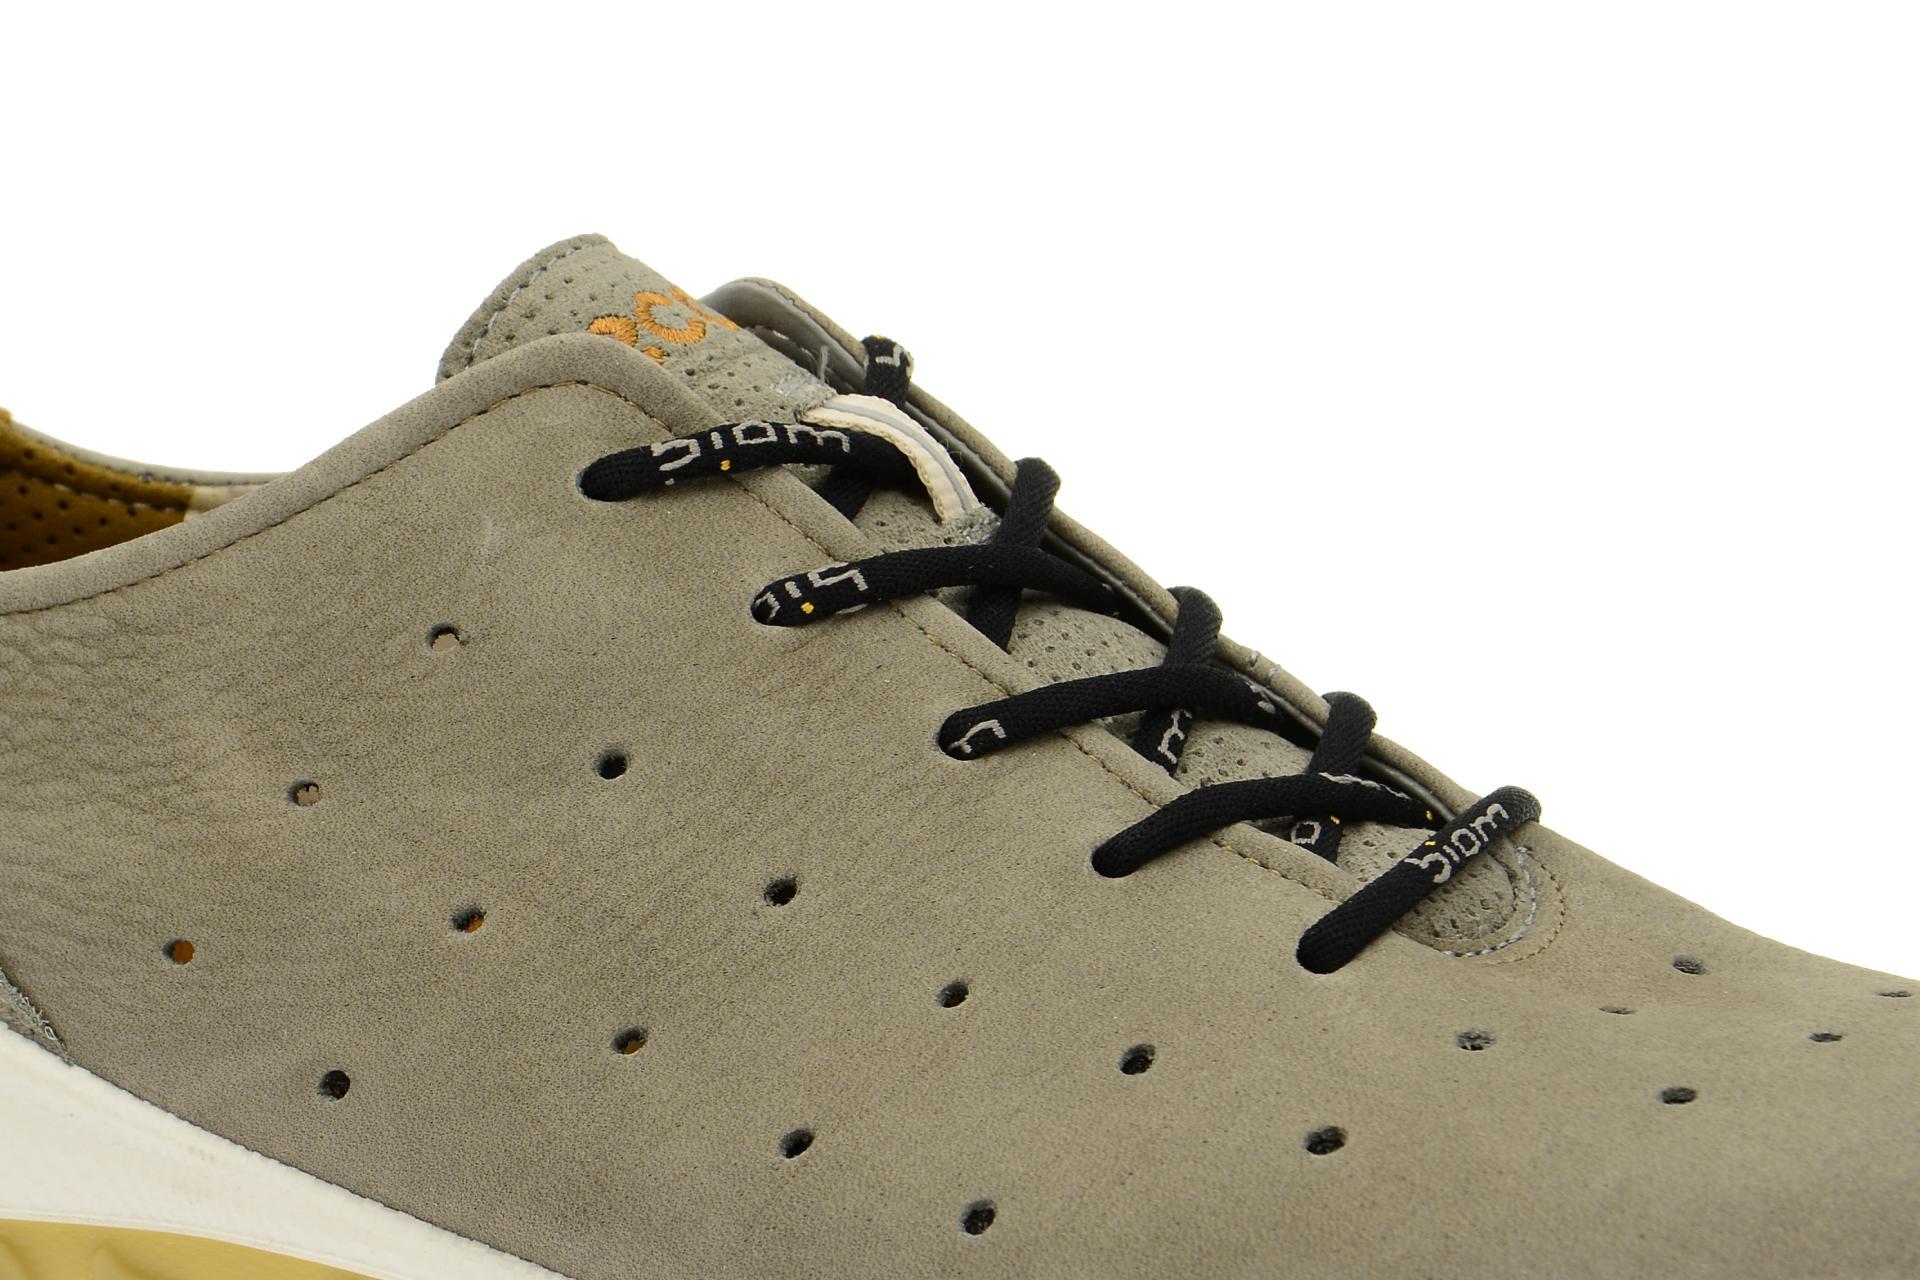 Herrenschuhe 80200459911 Lite 2 Biom 1 Neu Grau Ecco Schuhe Sneakers ZuPkXOi